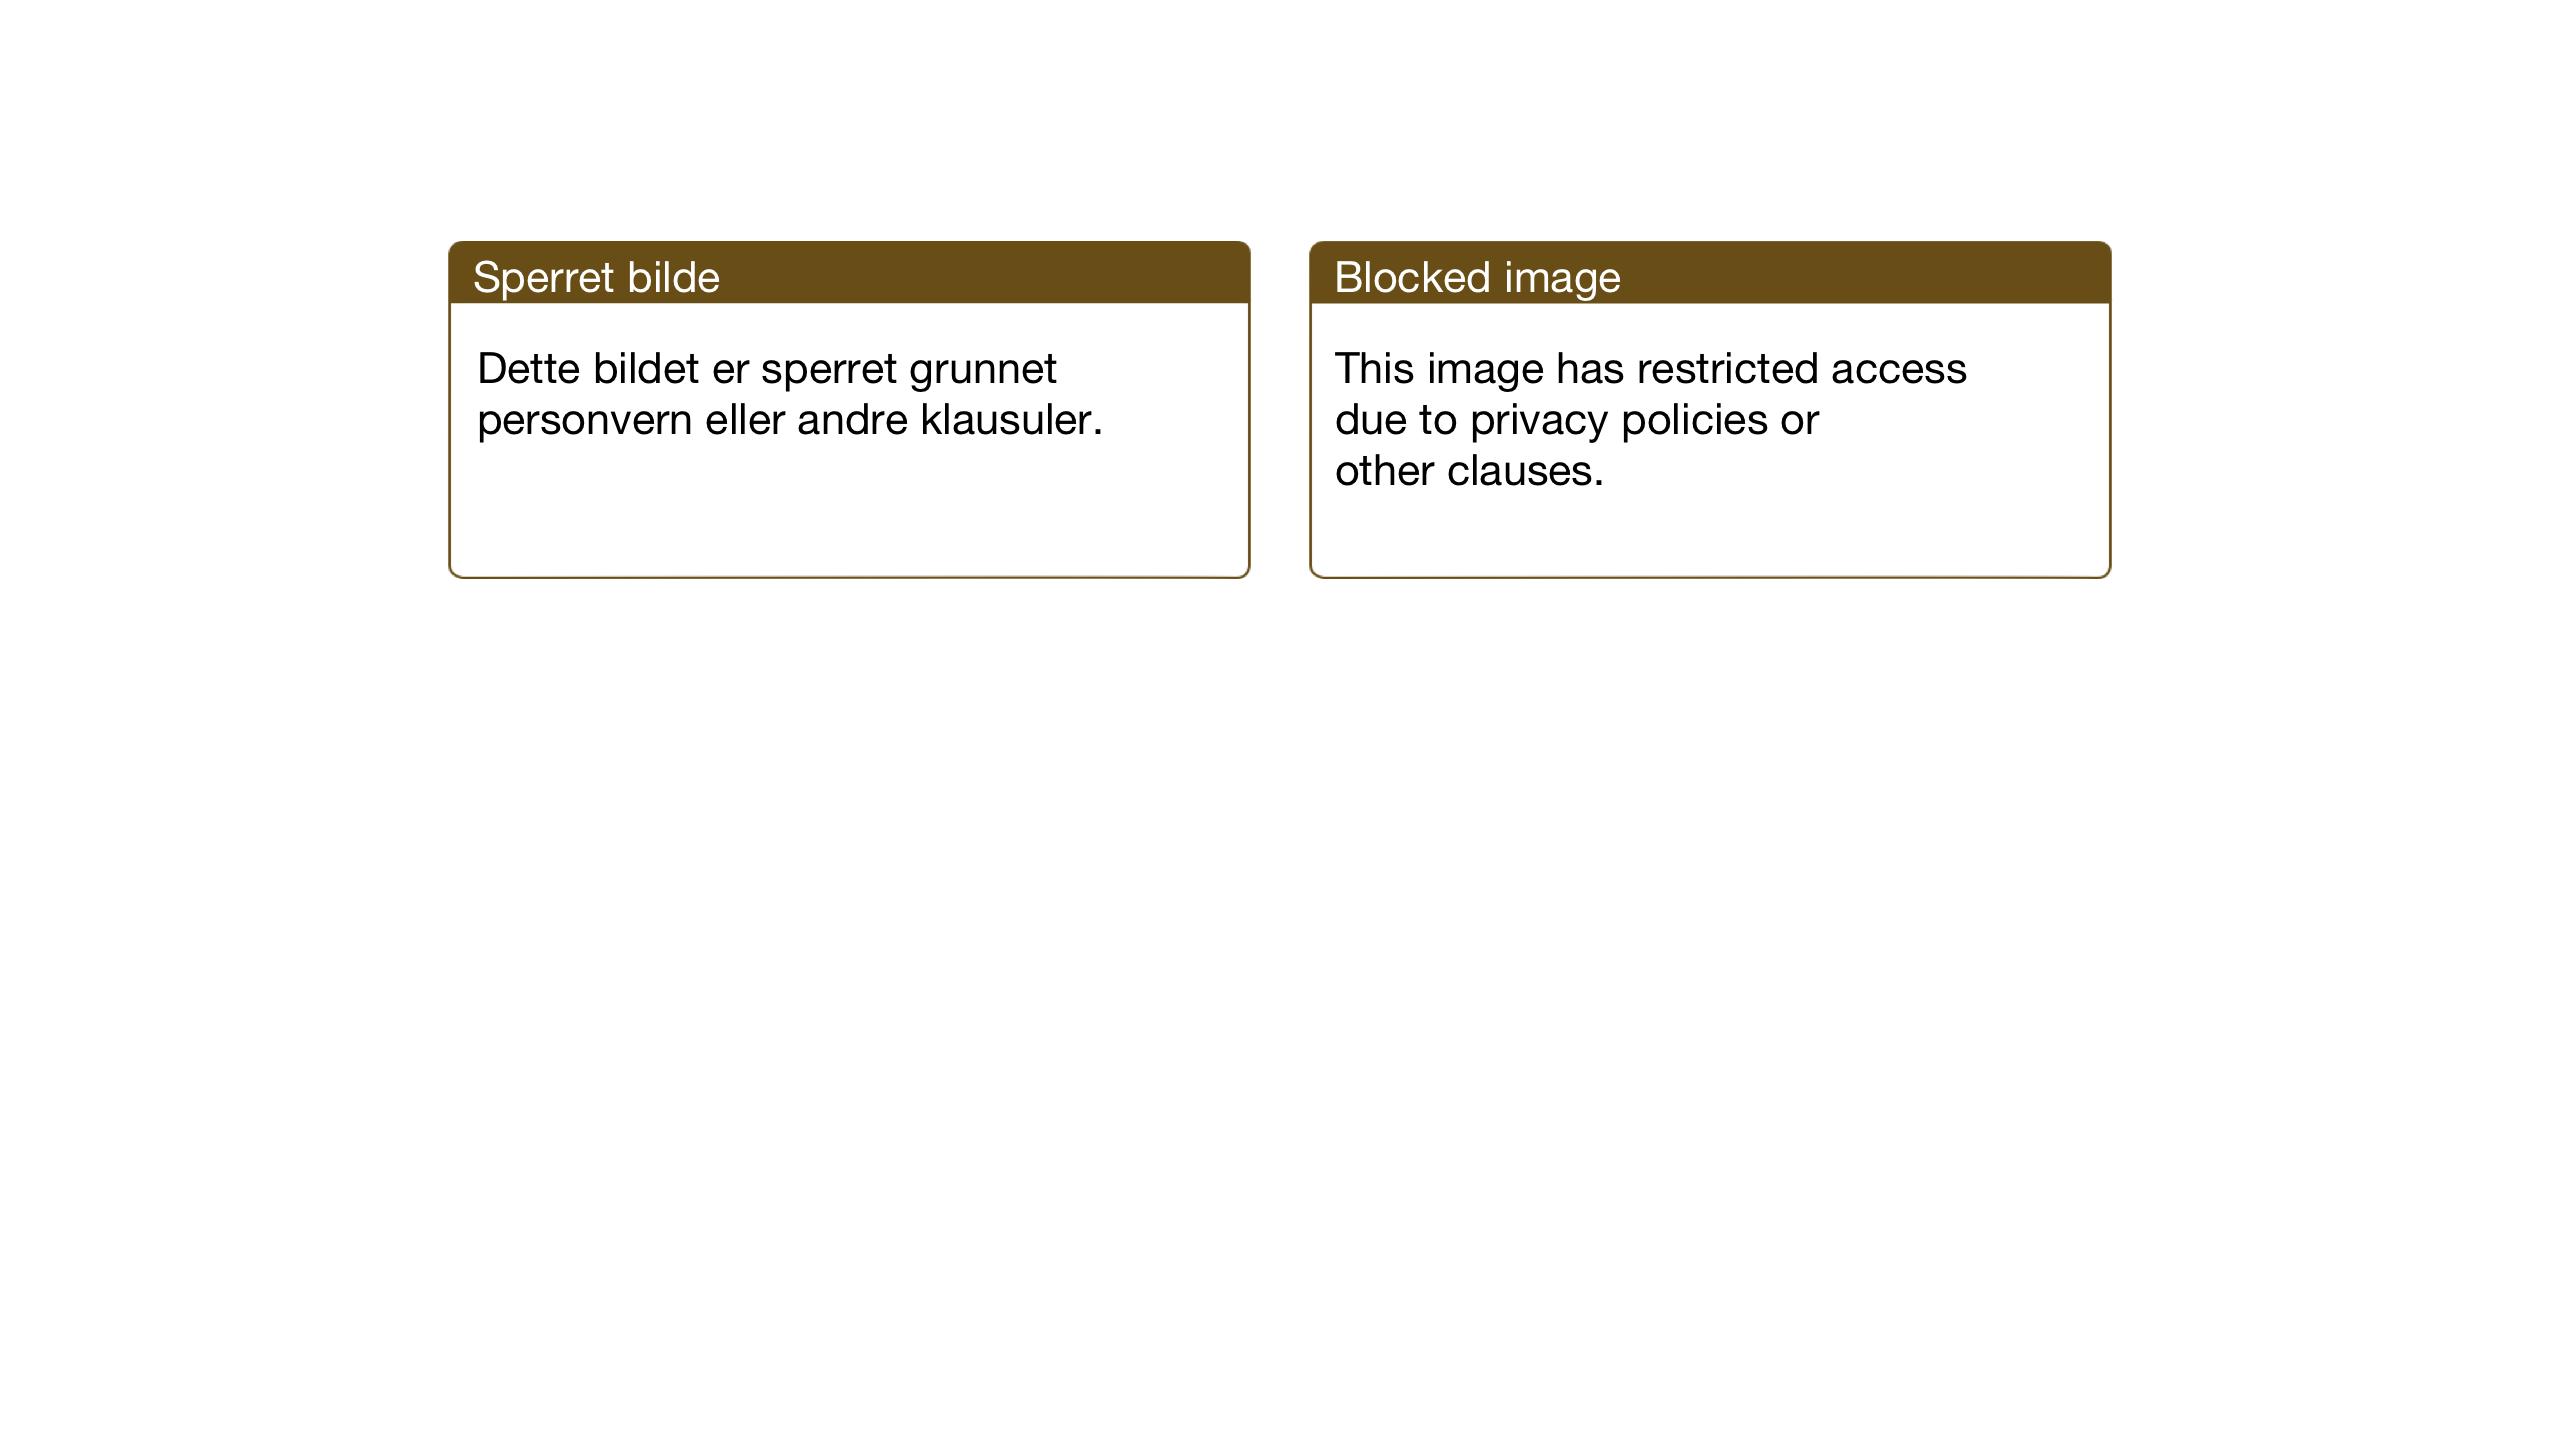 SAT, Ministerialprotokoller, klokkerbøker og fødselsregistre - Nord-Trøndelag, 773/L0625: Klokkerbok nr. 773C01, 1910-1952, s. 235